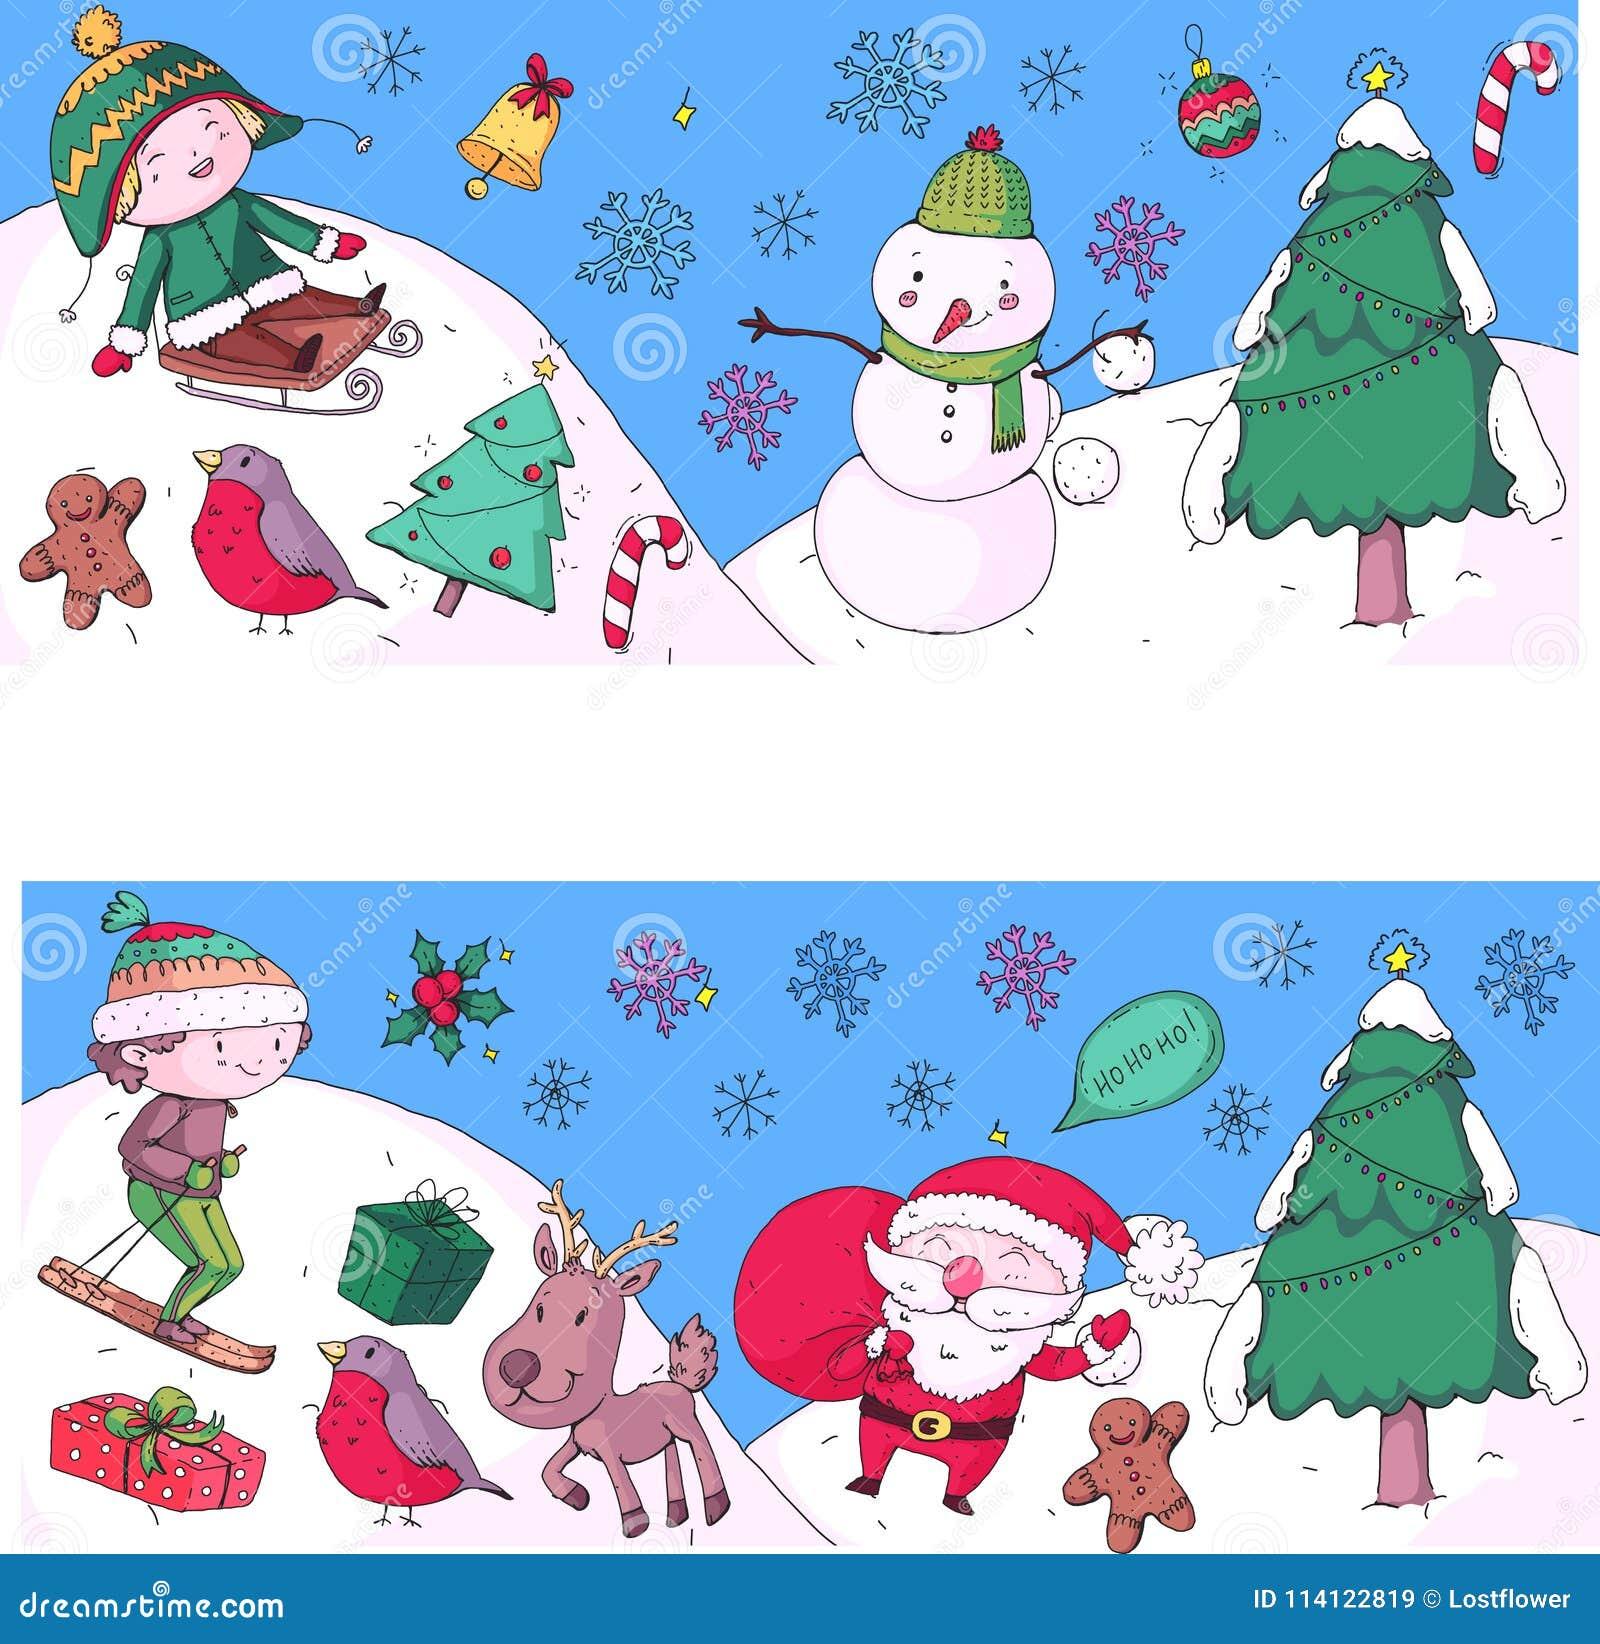 Weihnachten Kinder.Feier Der Frohen Weihnachten Mit Kindern Kinder Die Illustration